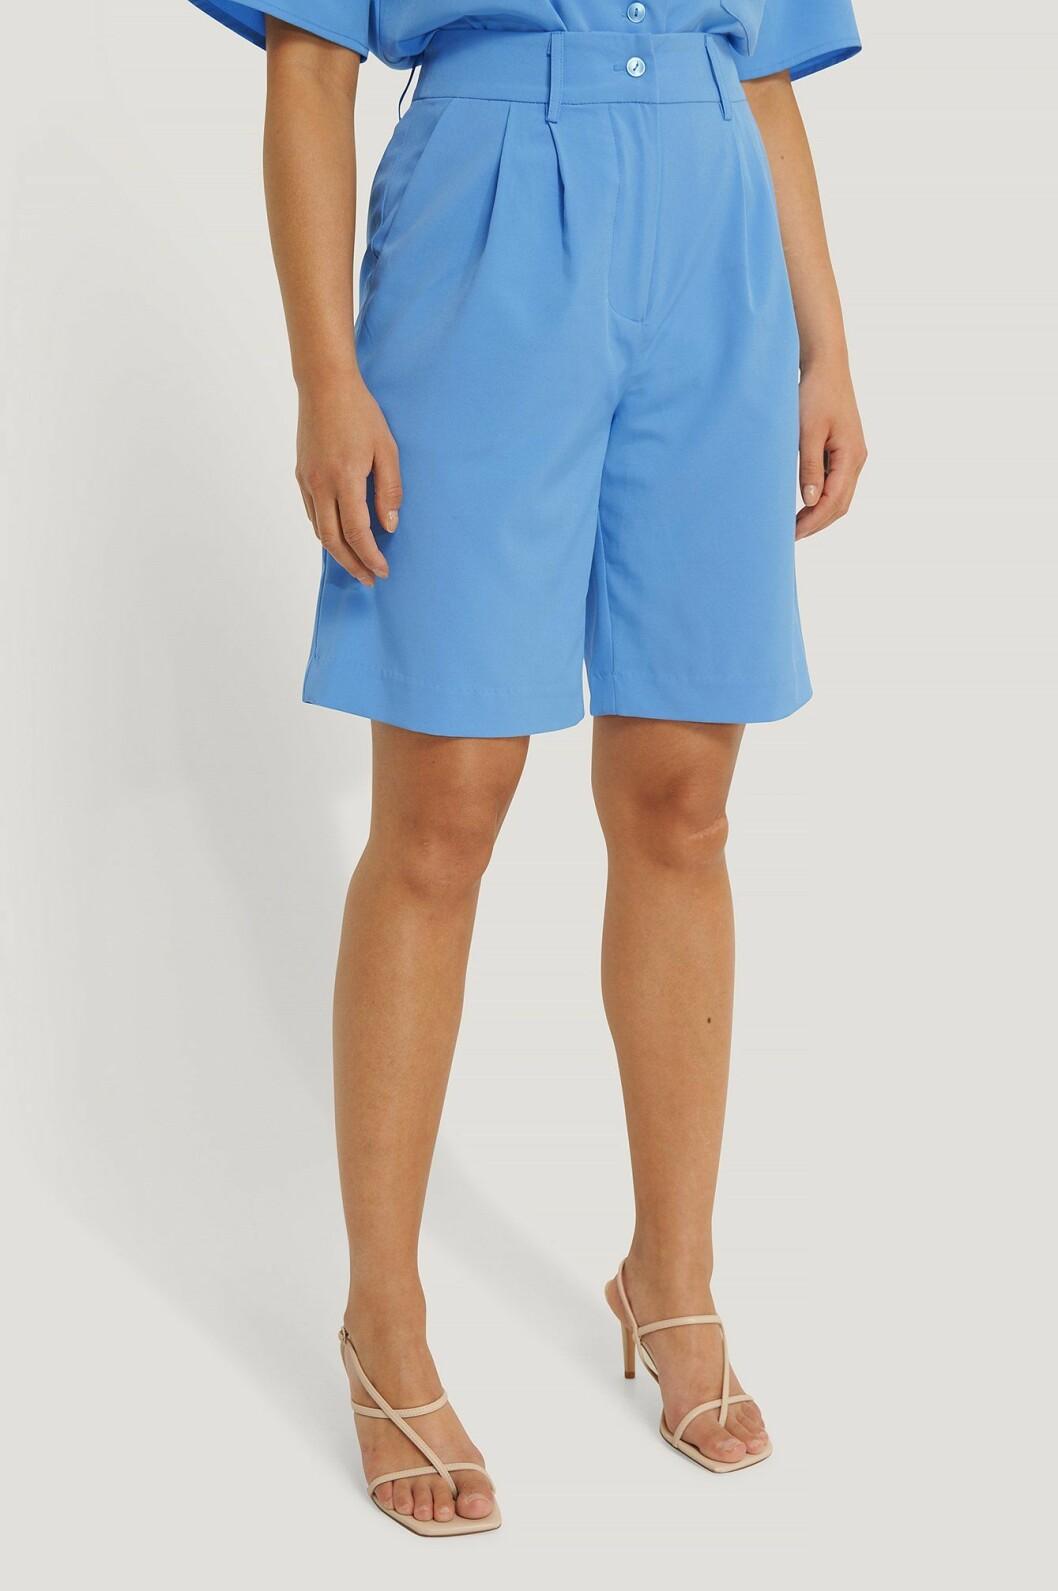 Ljusblå shorts för dam till 2020